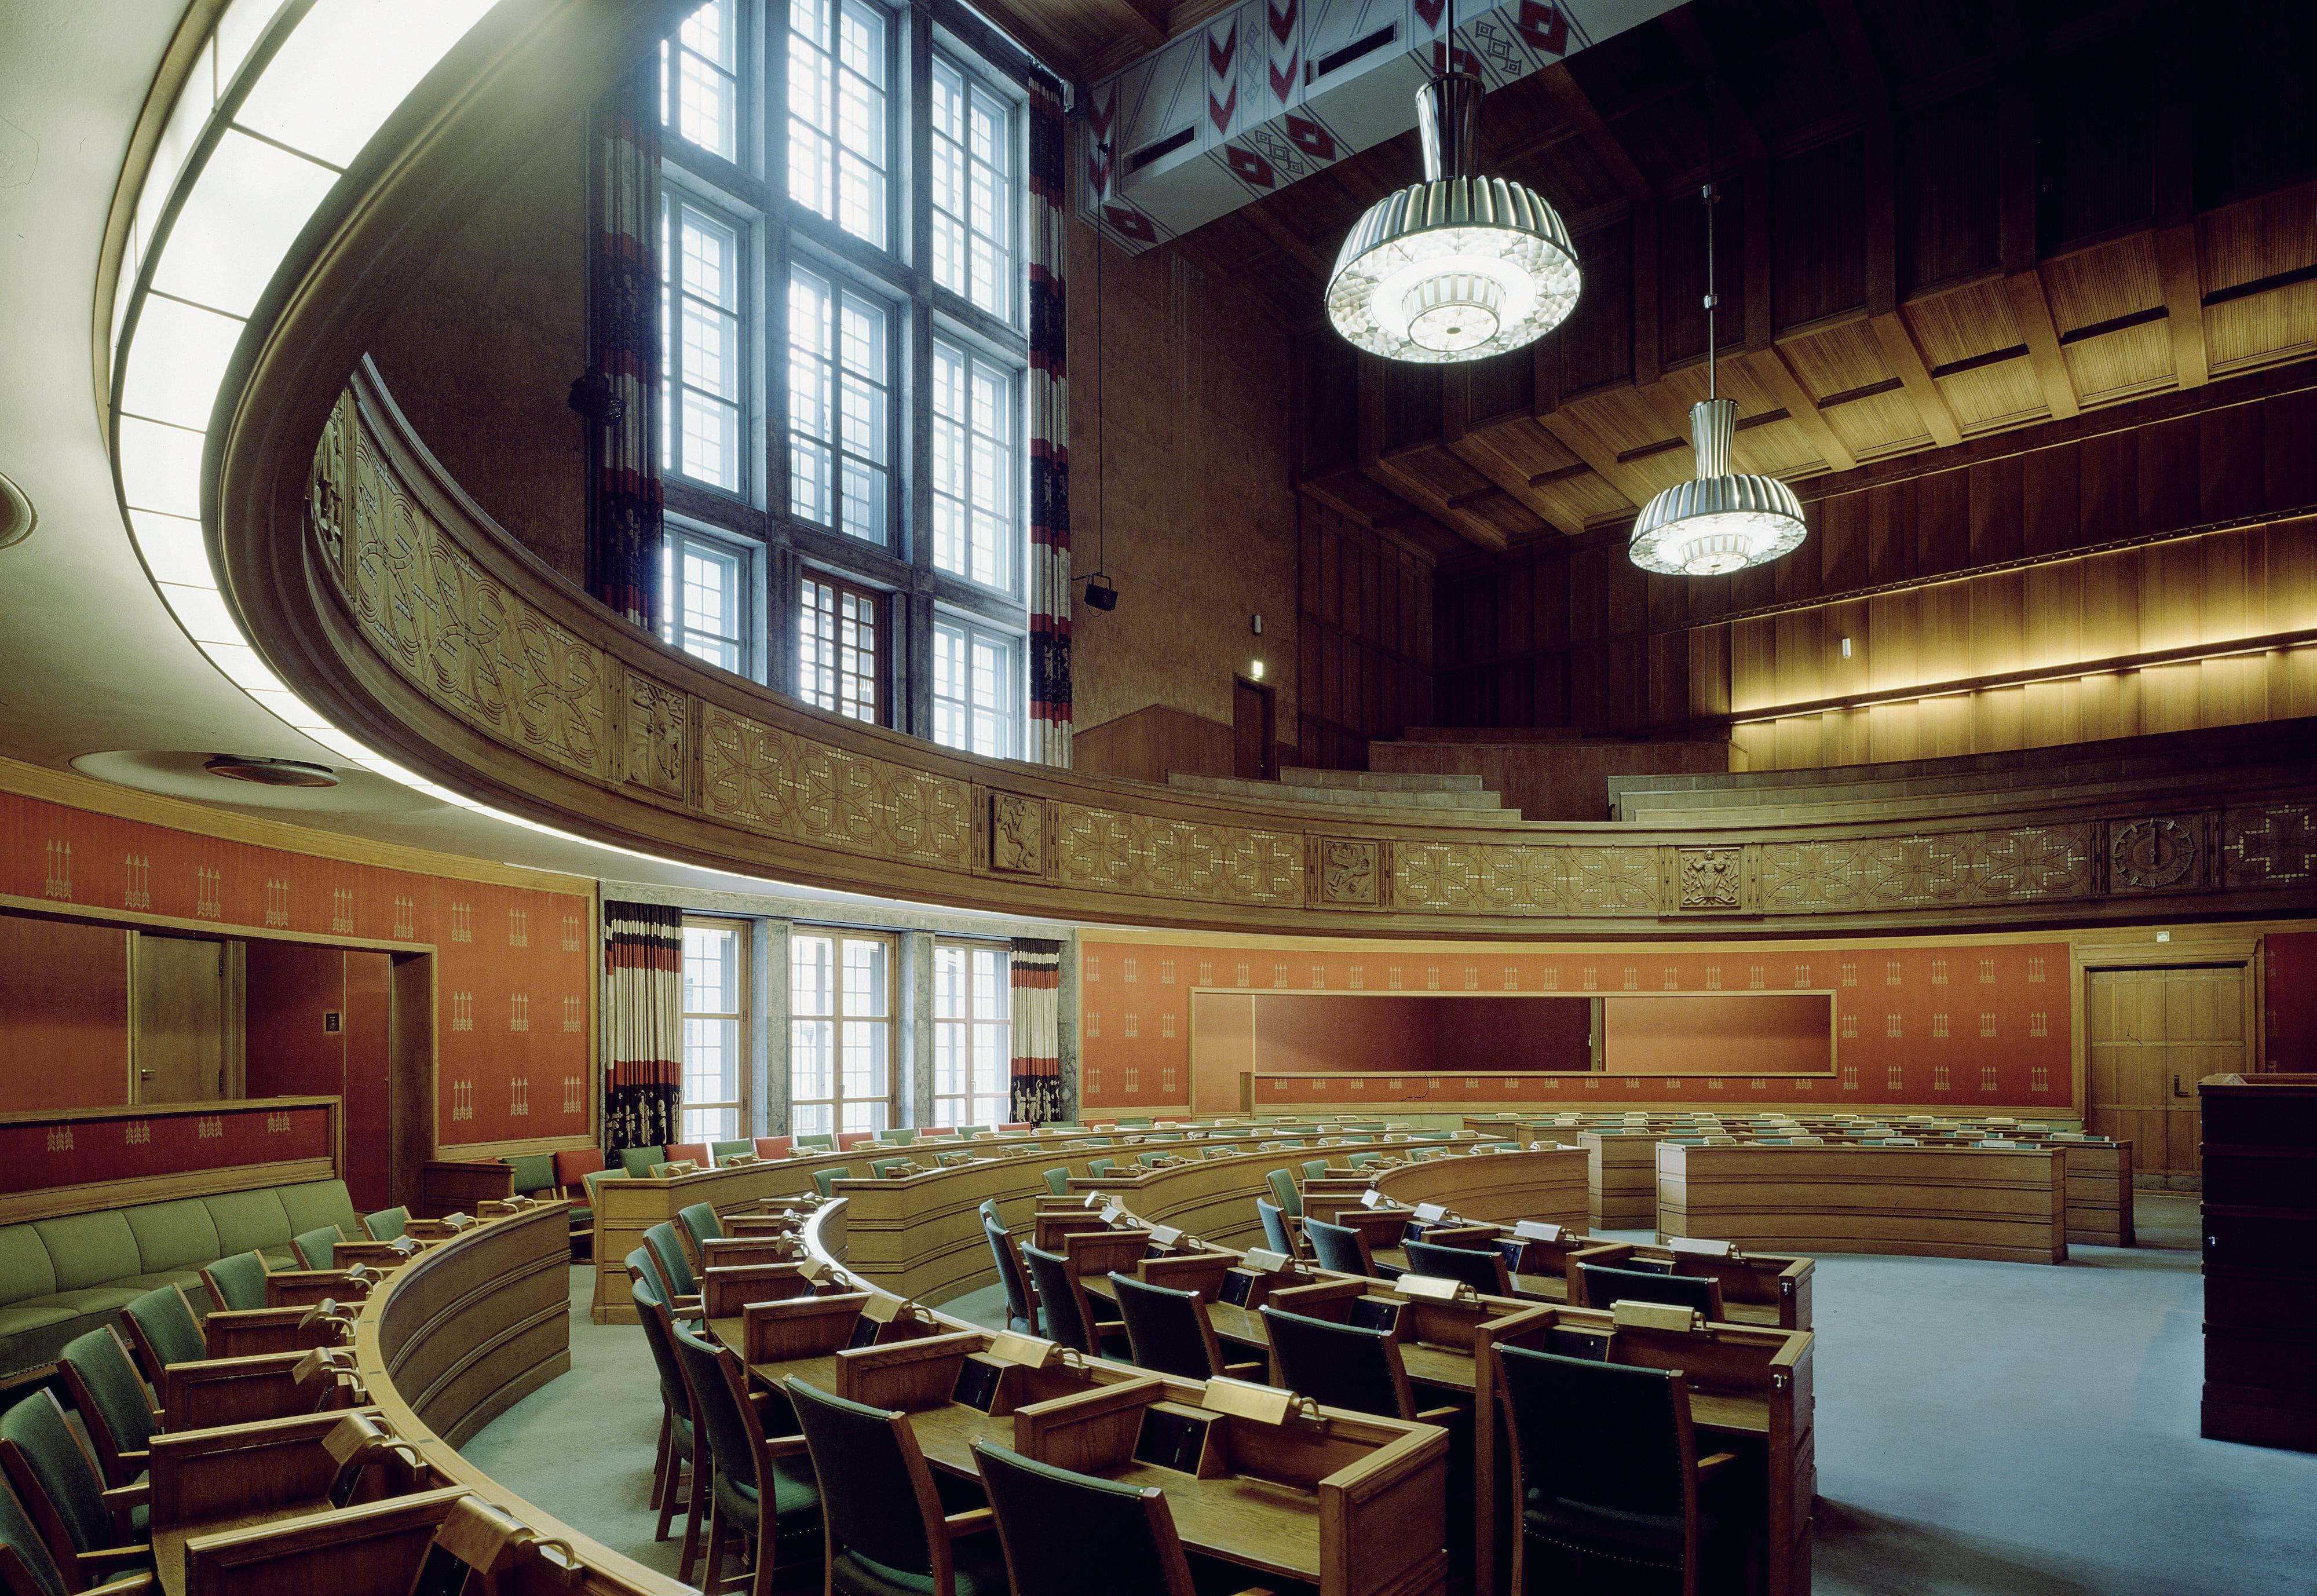 Bystyresalen i Oslo Rådhus gjentar halvsirkelformen fra Fridtjof Nansens plass utenfor.  Alt i moderne formsprog og solide materialer, slik Poulsson ville ha det.